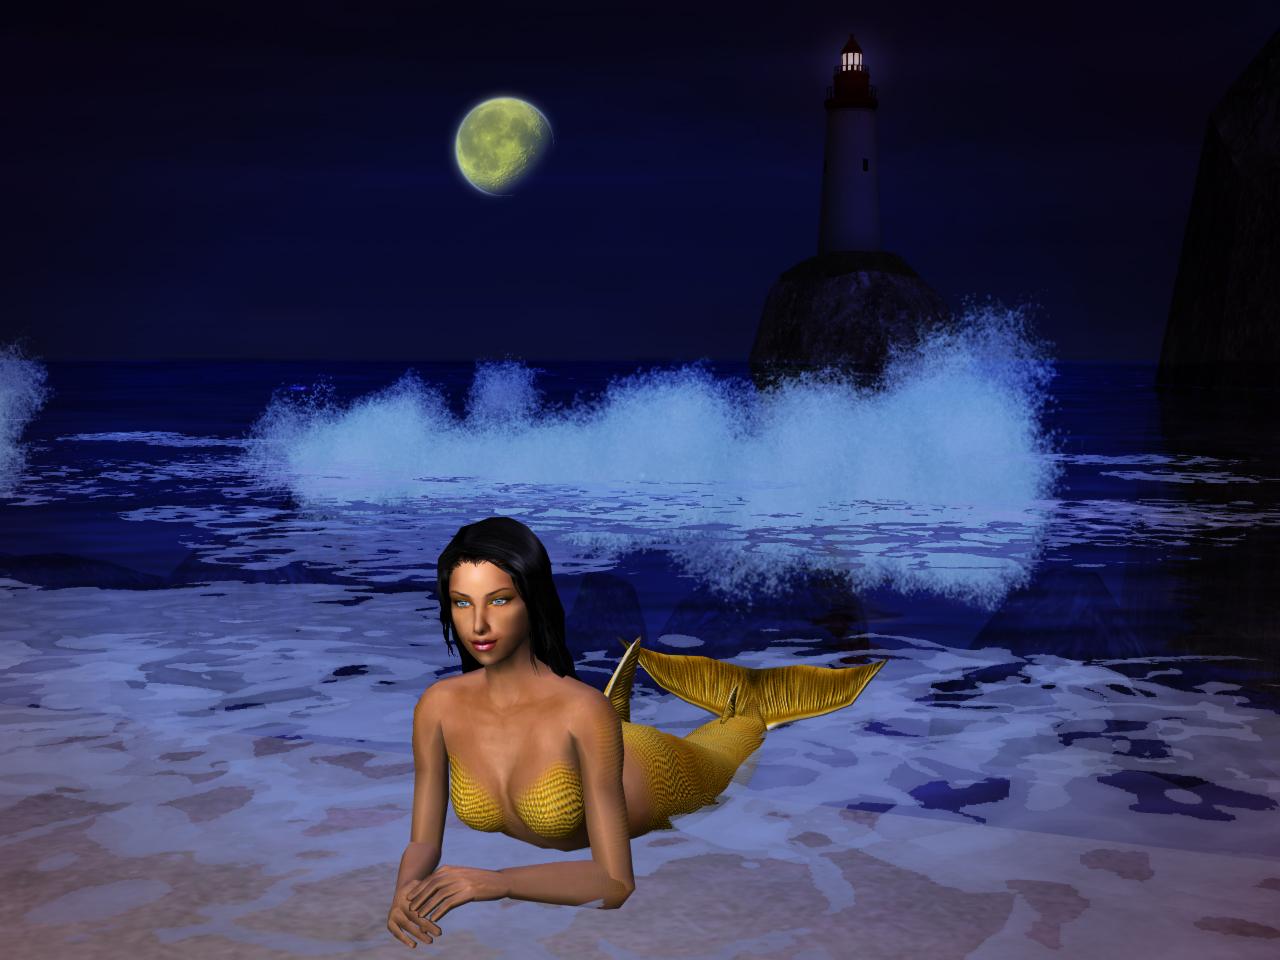 Moonbathing mermaid --SimArt